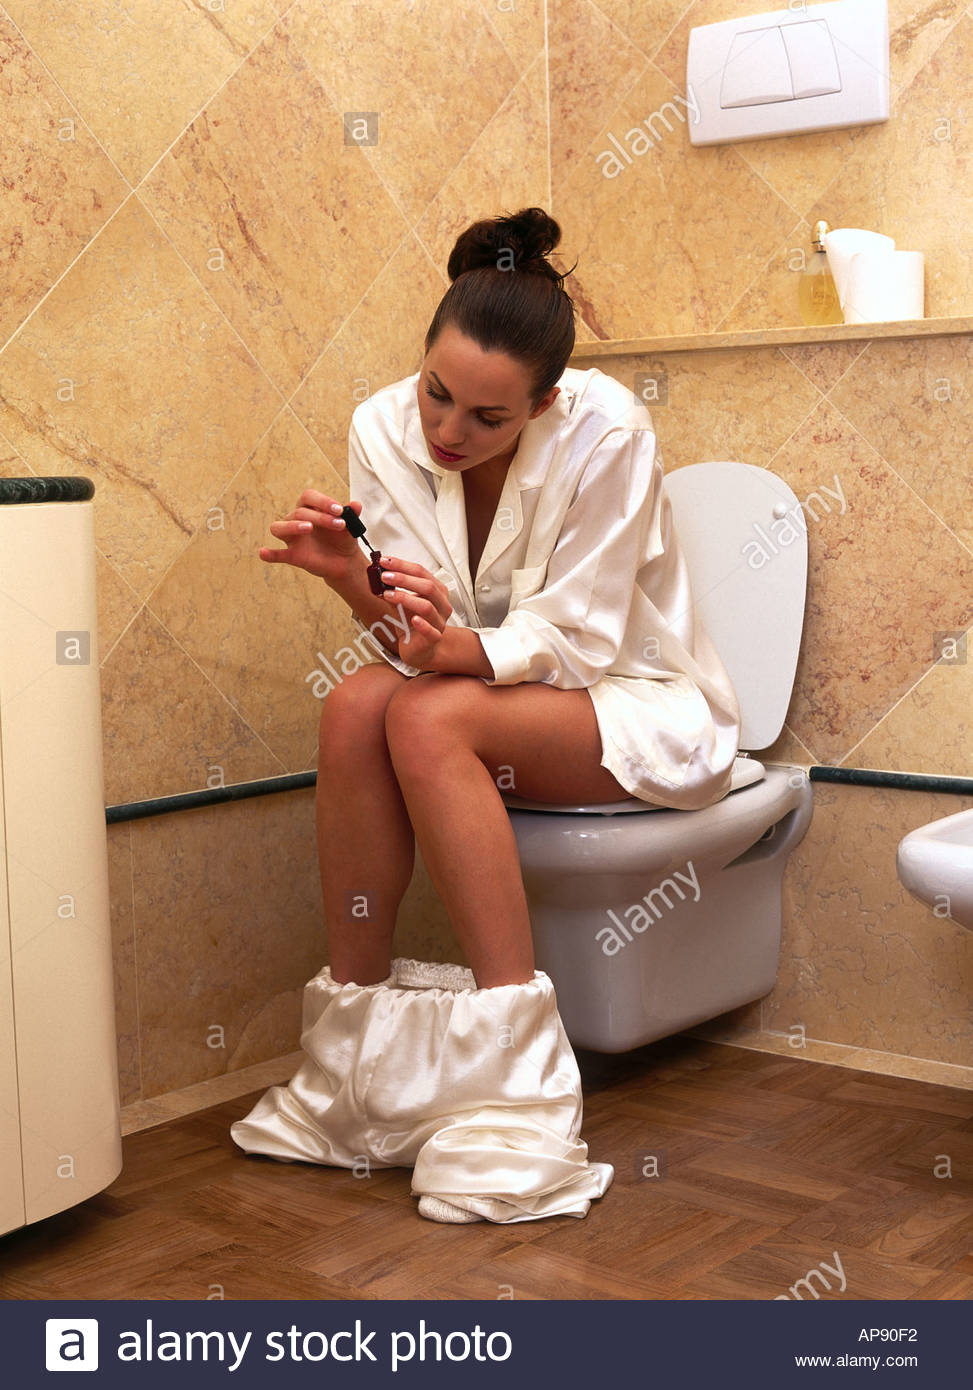 Femme assise sur des ongles vernis et wc